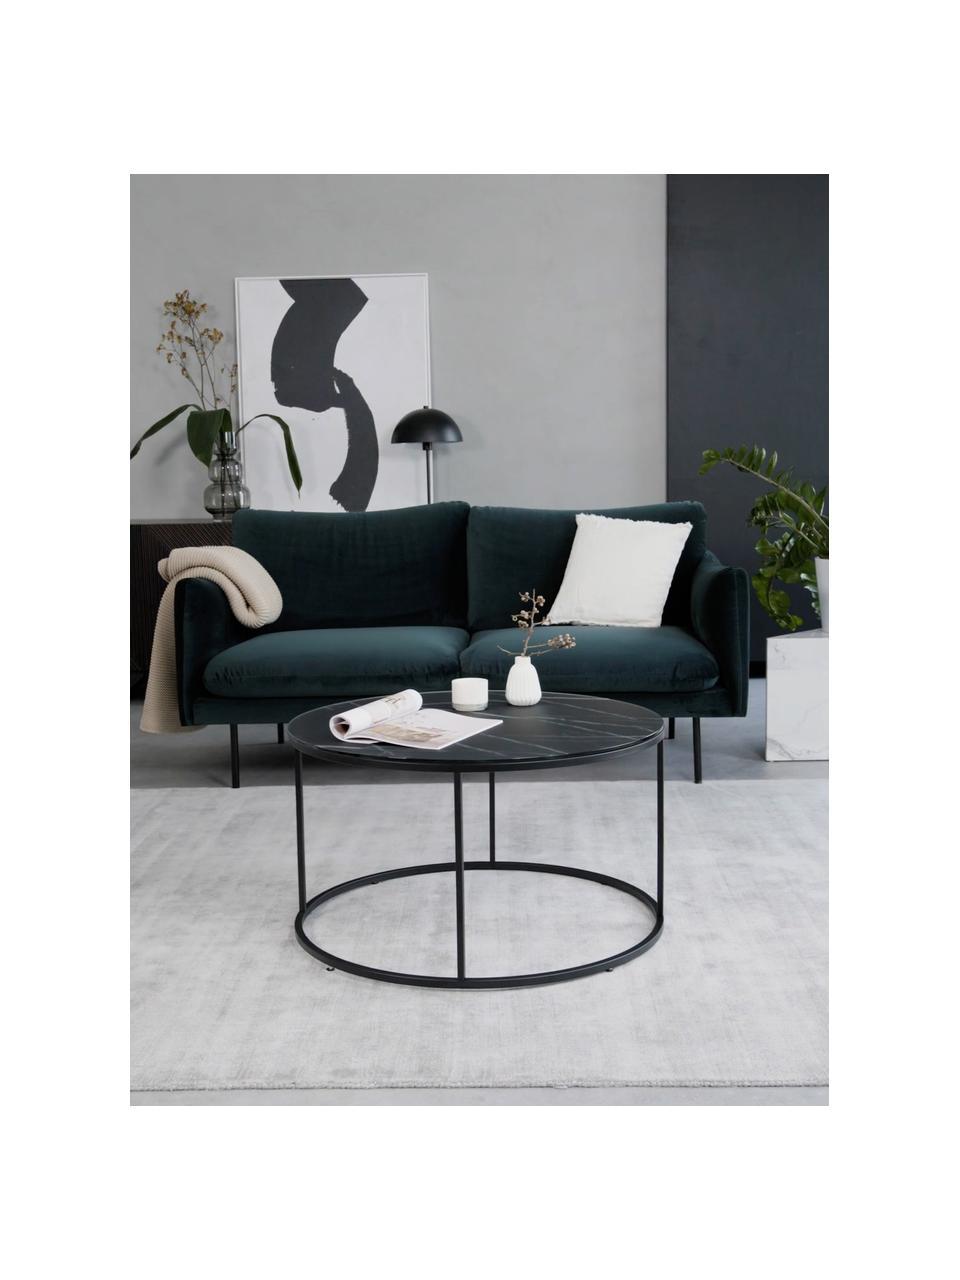 Tavolino da salotto con piano in vetro effetto marmo Antigua, Struttura: acciaio verniciato a polv, Nero-grigio marmorizzato, nero, Ø 80 x Alt. 45 cm